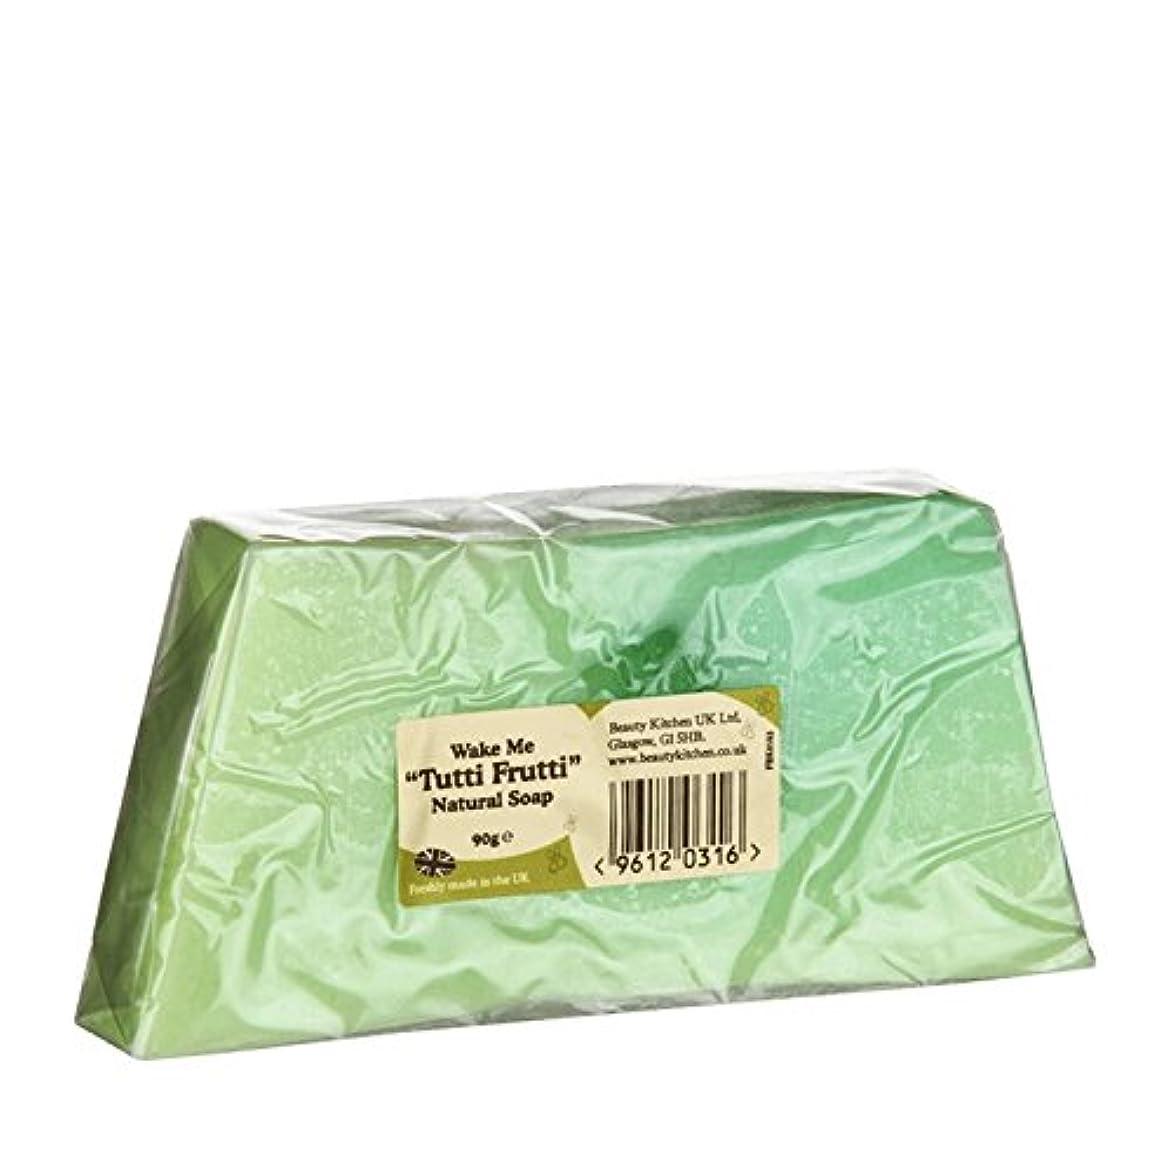 出口ワークショップ移動Beauty Kitchen Wake Me Tutti Frutti Natural Soap 90g (Pack of 2) - 美しさのキッチンは私トゥッティフルッティの天然石鹸90グラムウェイク (x2) [並行輸入品]